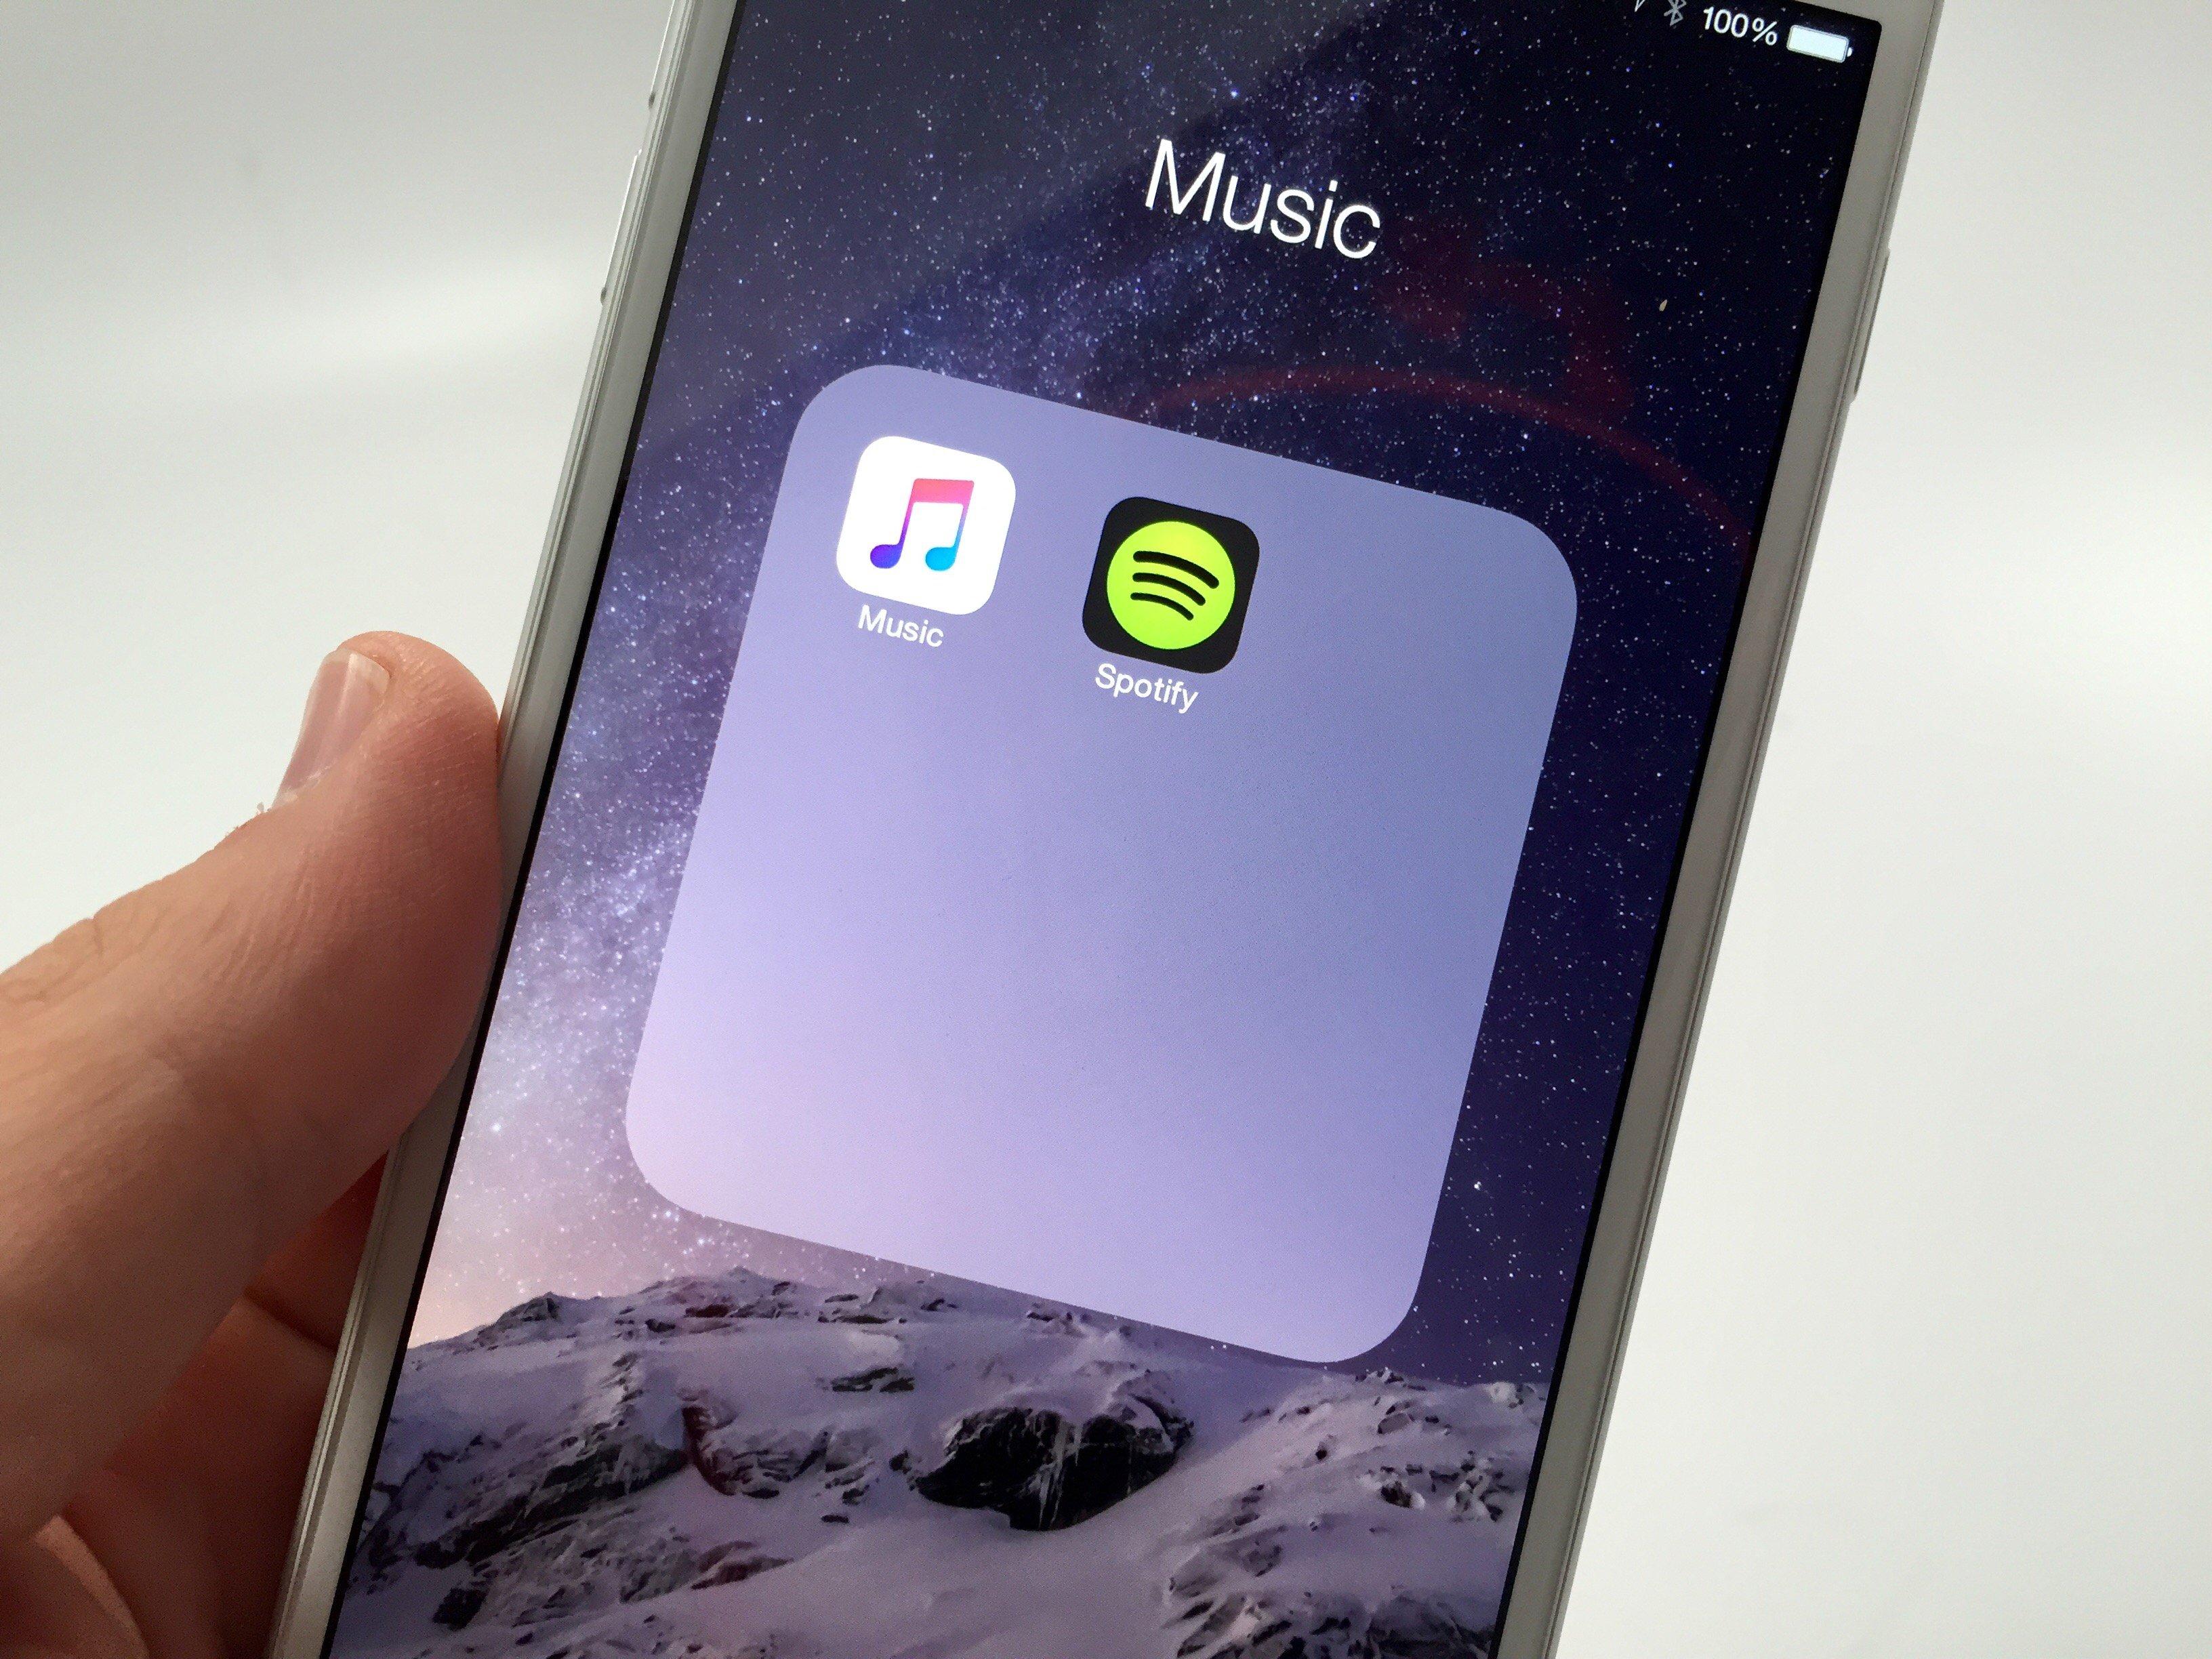 iPhone-6-iOS-8.4-3